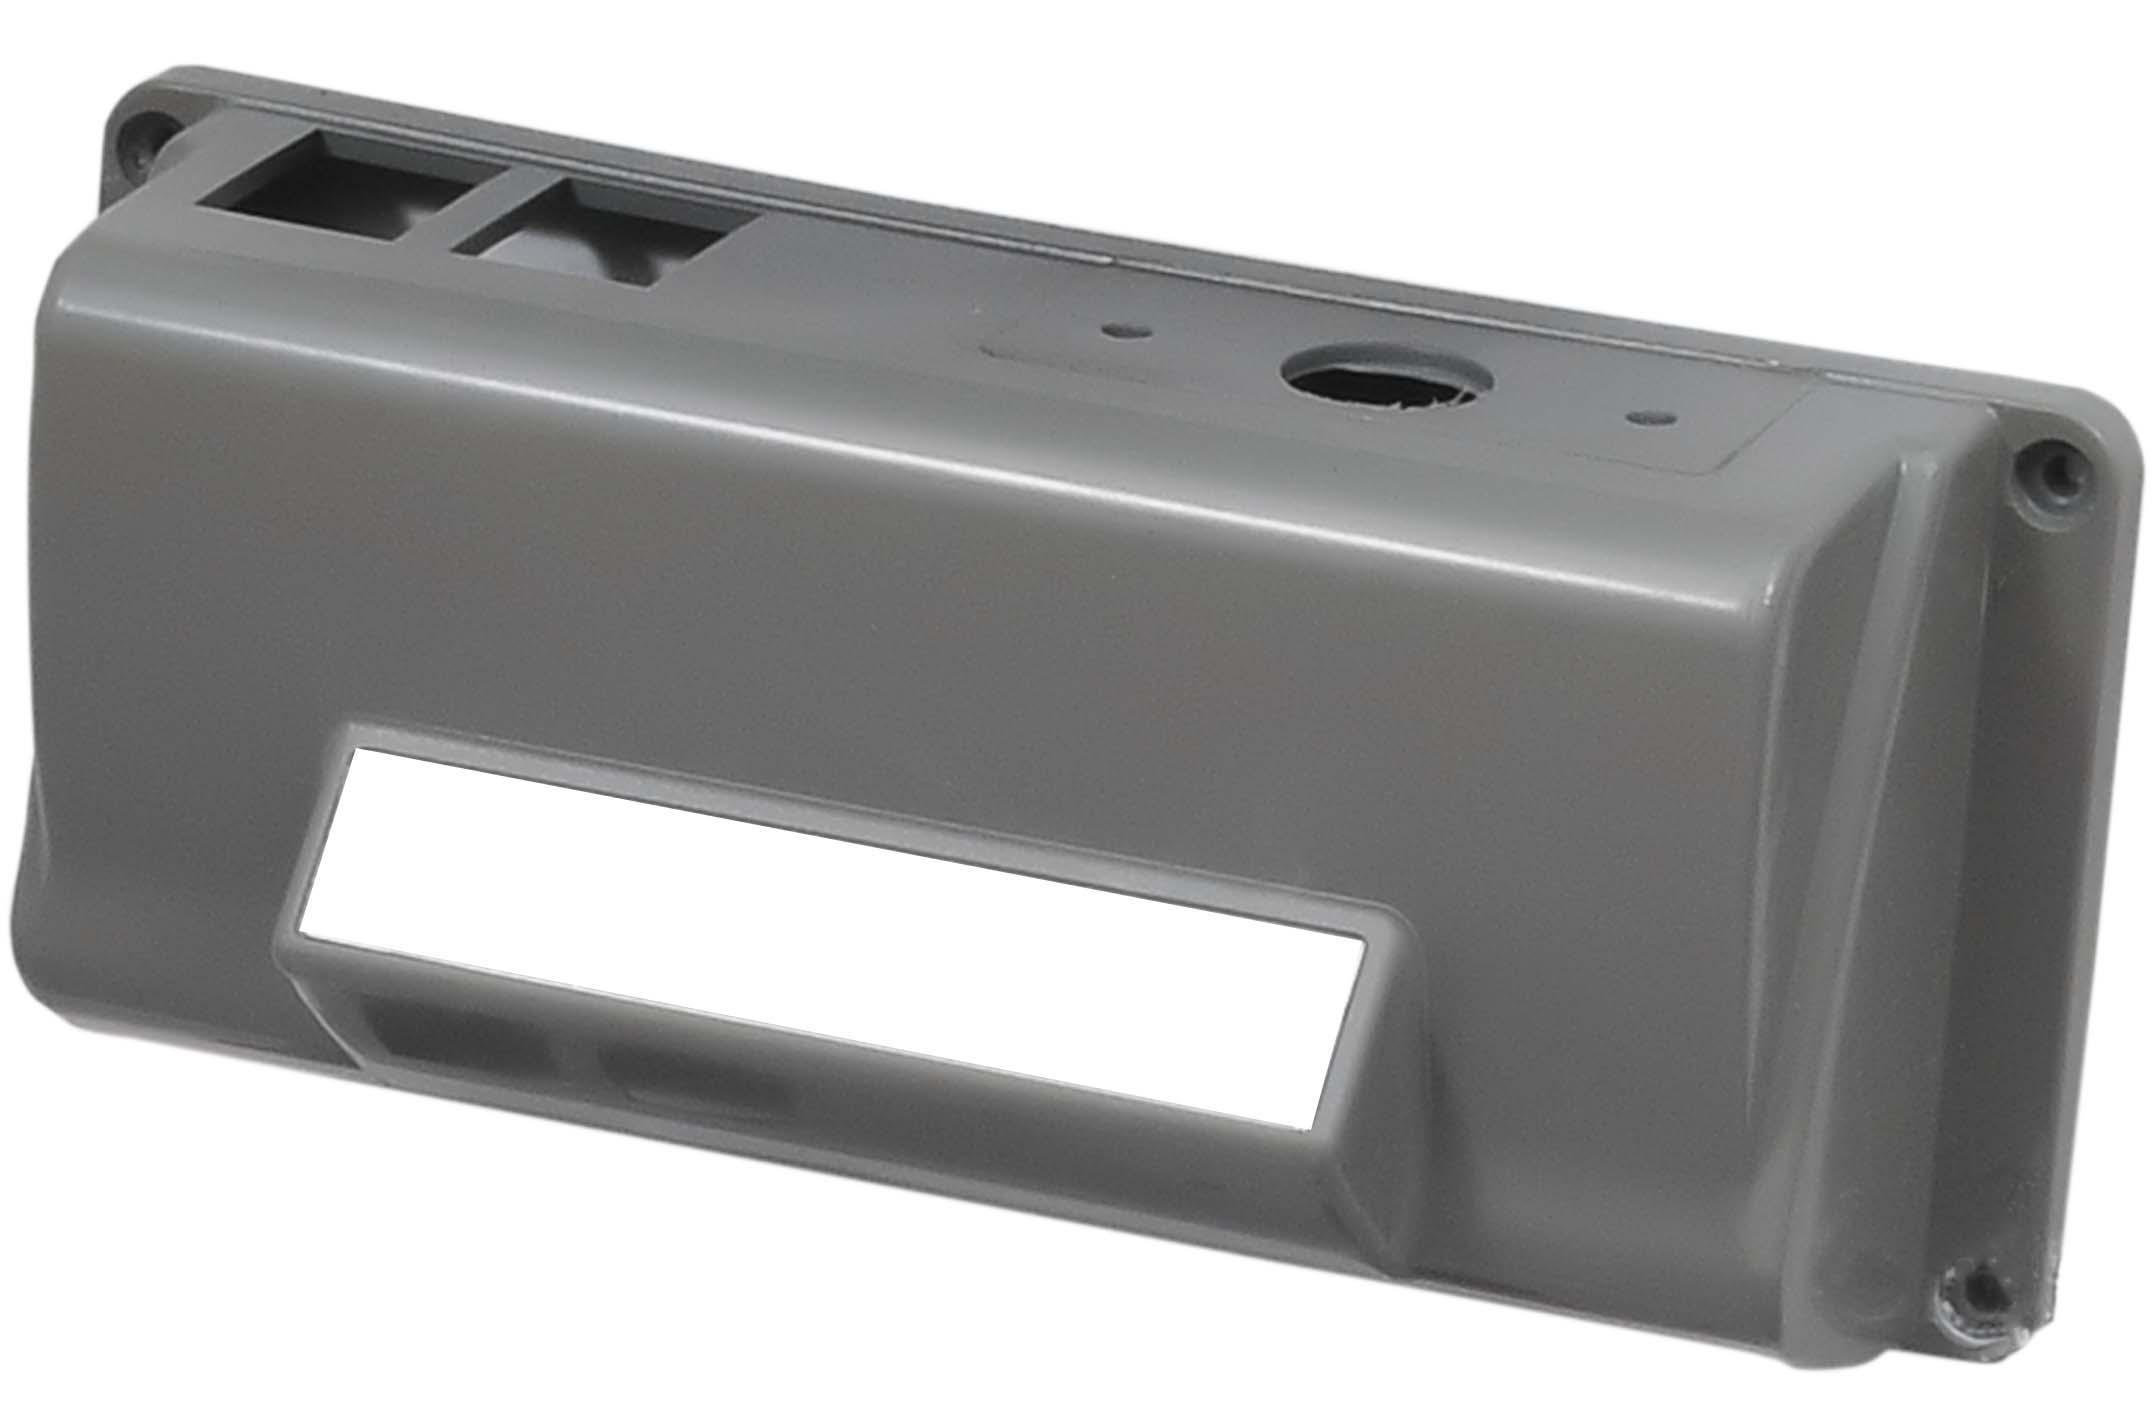 Dijital Termostat ve Otomatik Şalter Kutuları